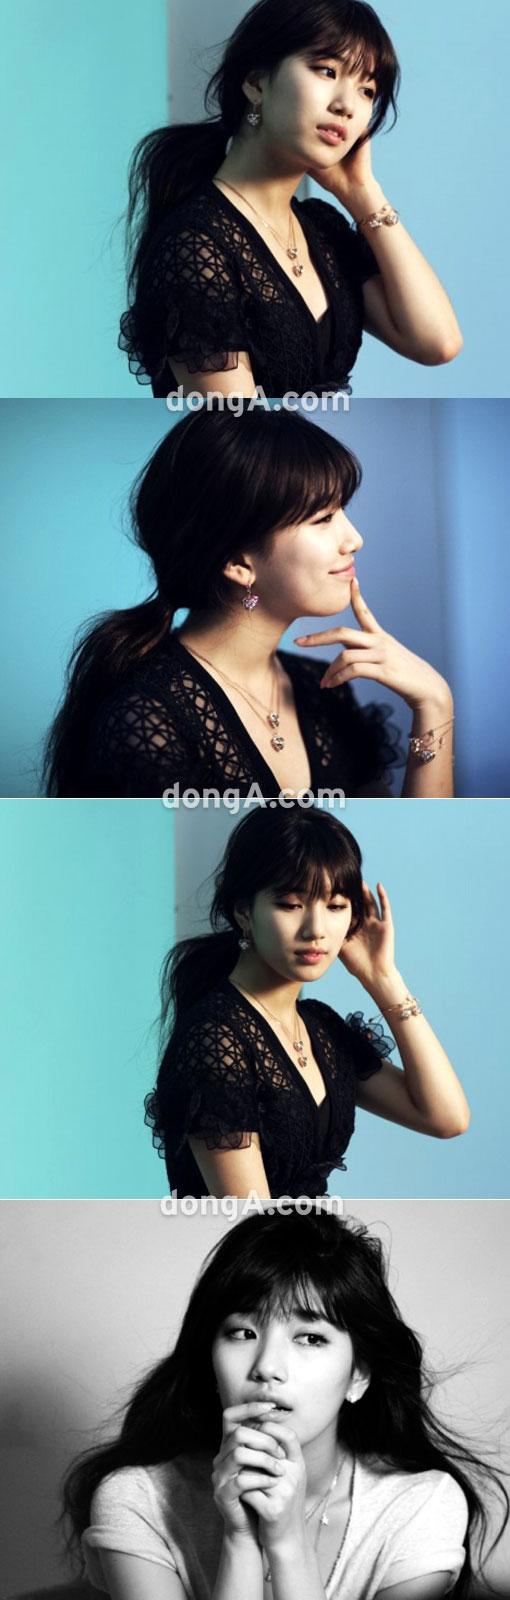 ภาพที่ไม่ได้เผยแพร่ของซูจี miss A ทำให้แฟนๆประทับใจ